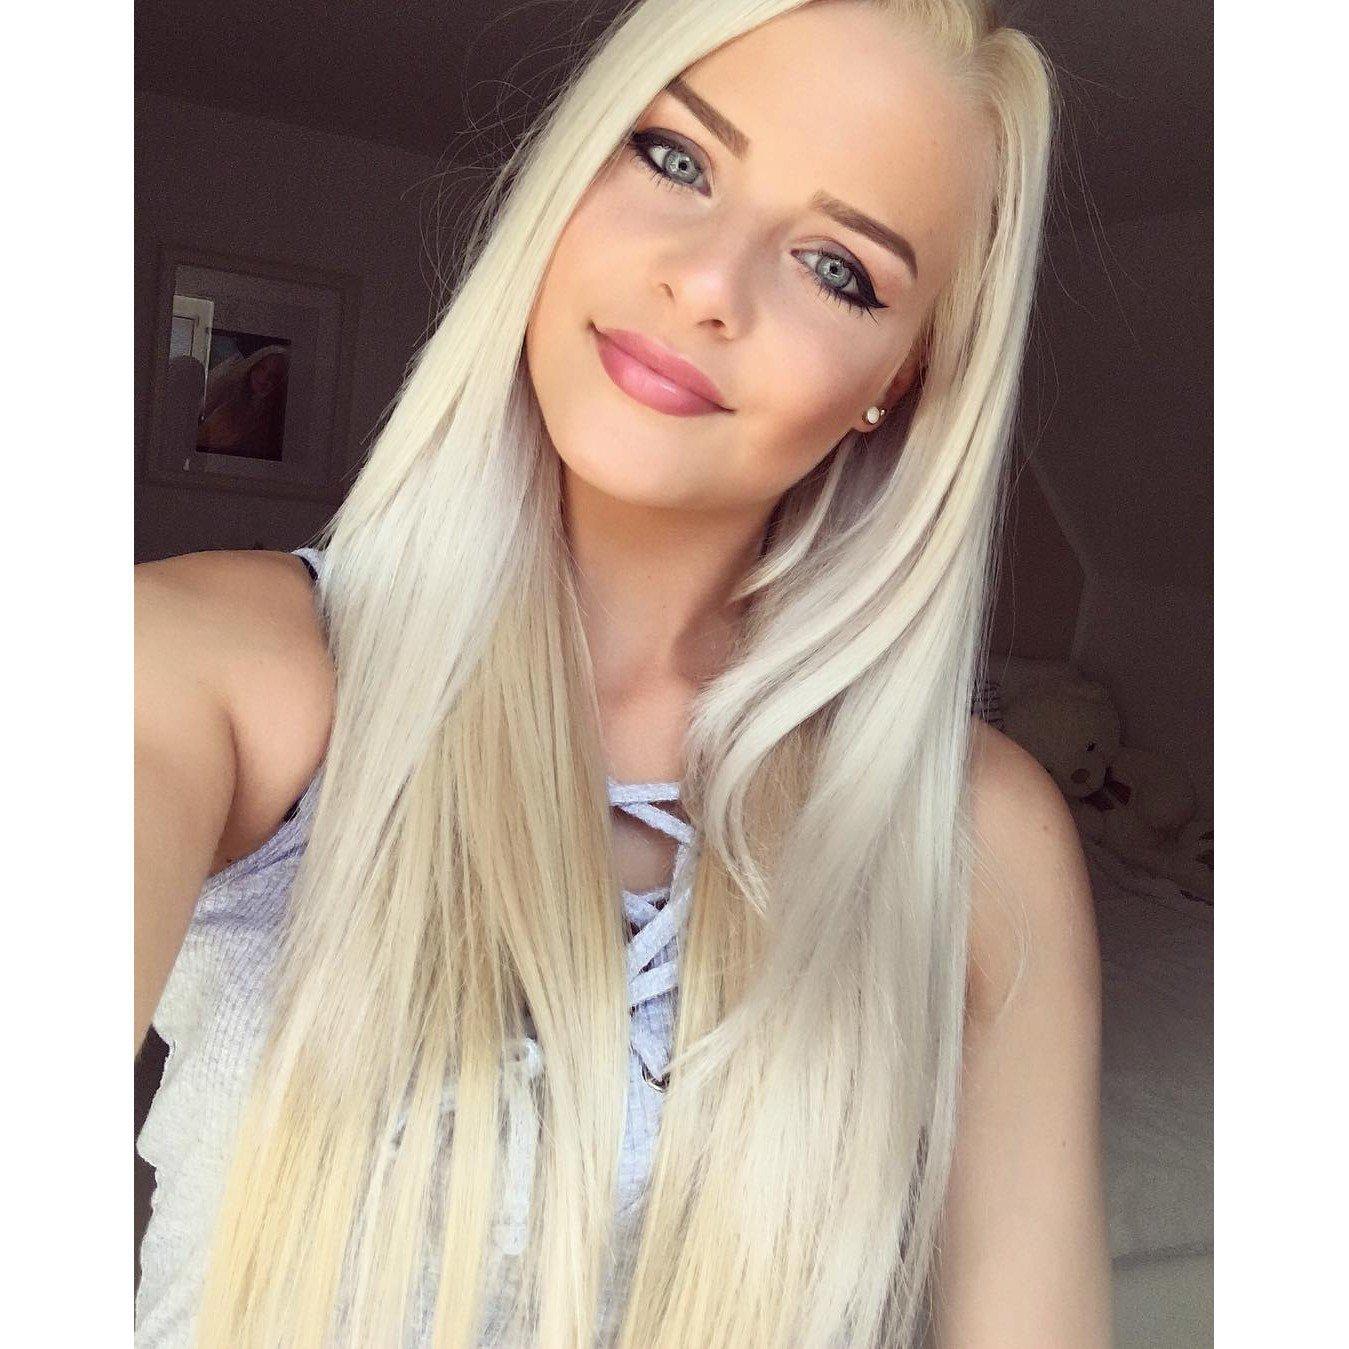 Blaue augen haare frau blonde Blonde haare